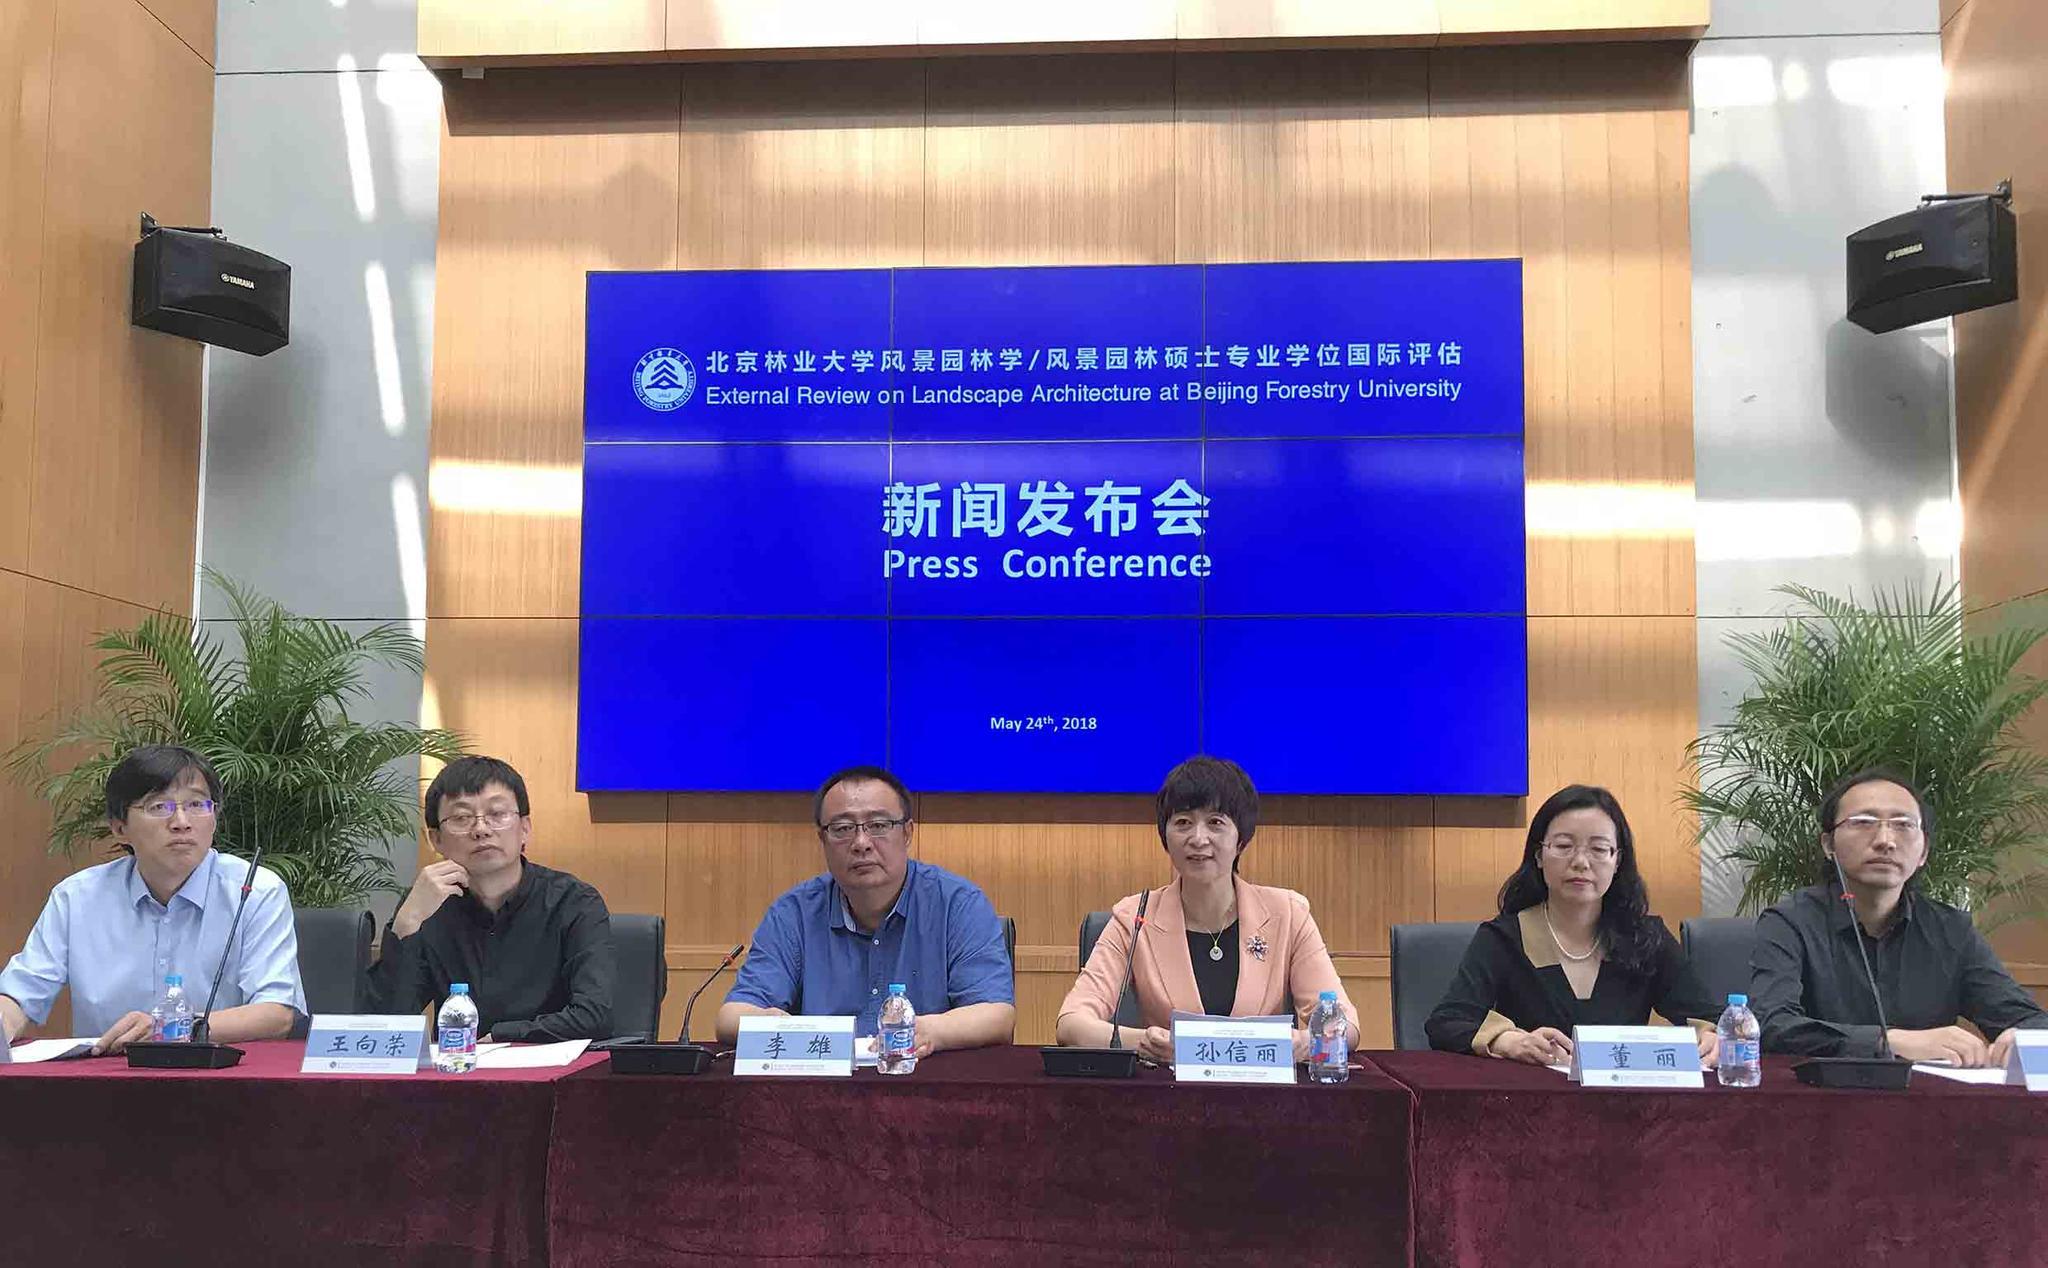 北京林业大学开展中国首次风景园林学国际评估